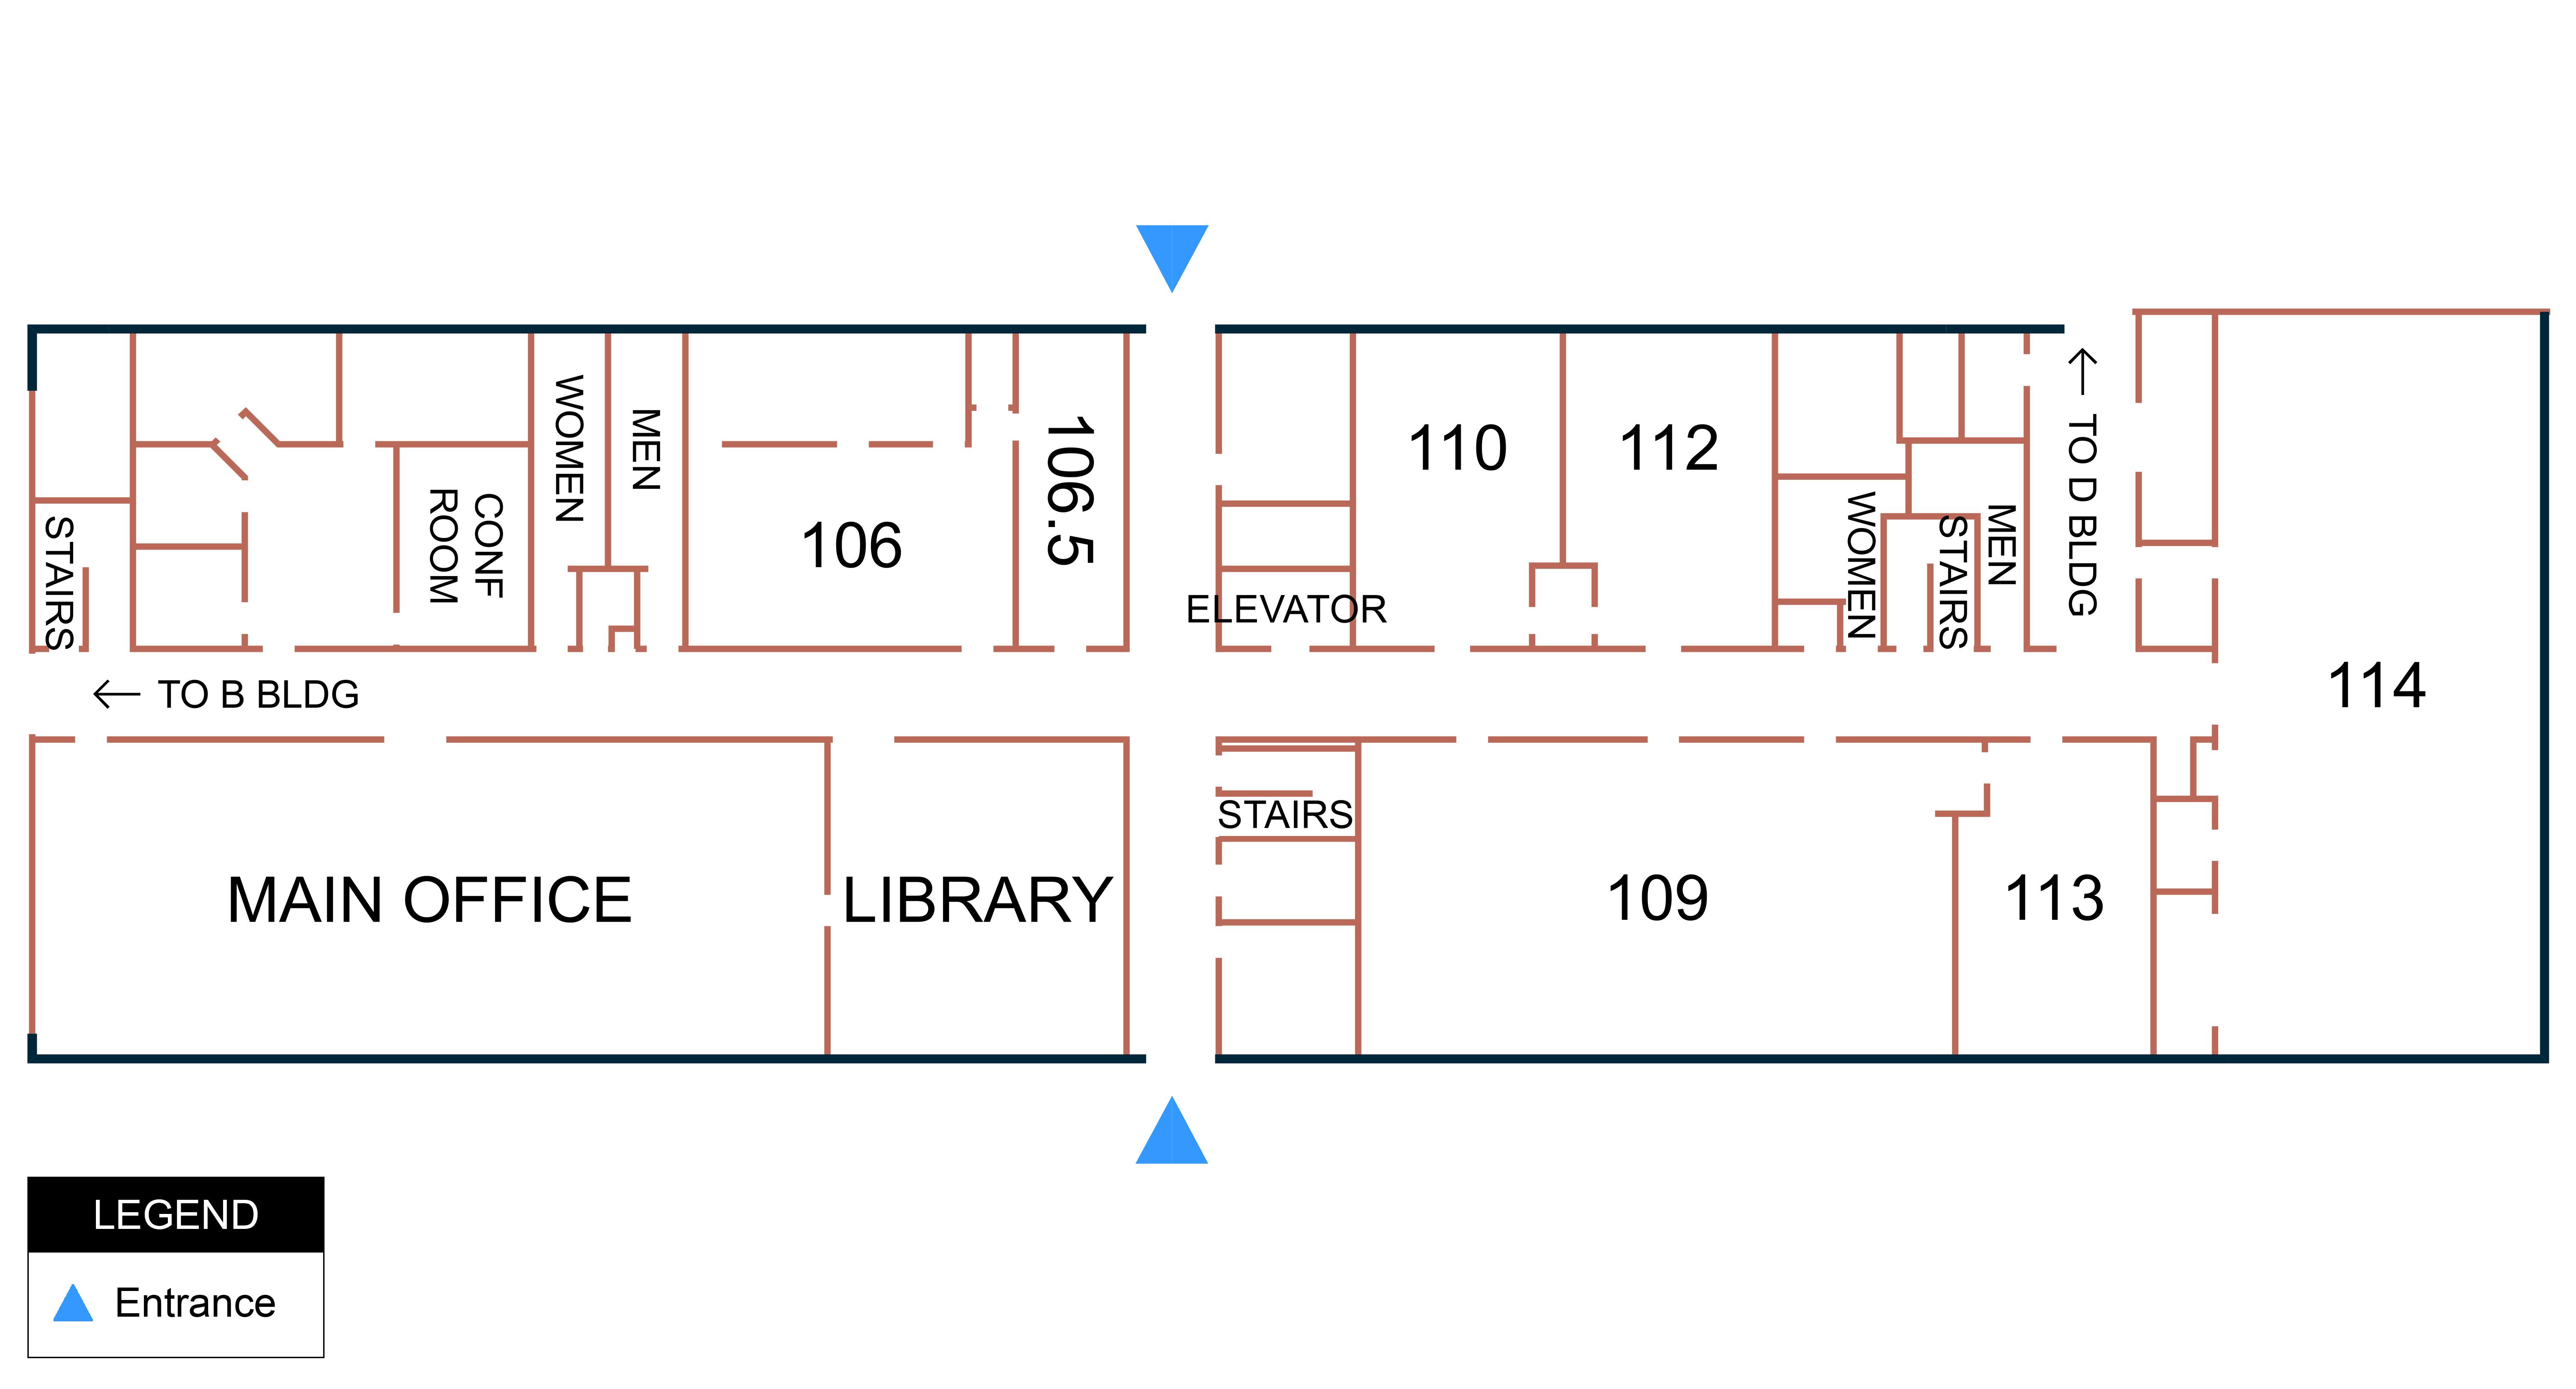 Building C - 1st Floor Map